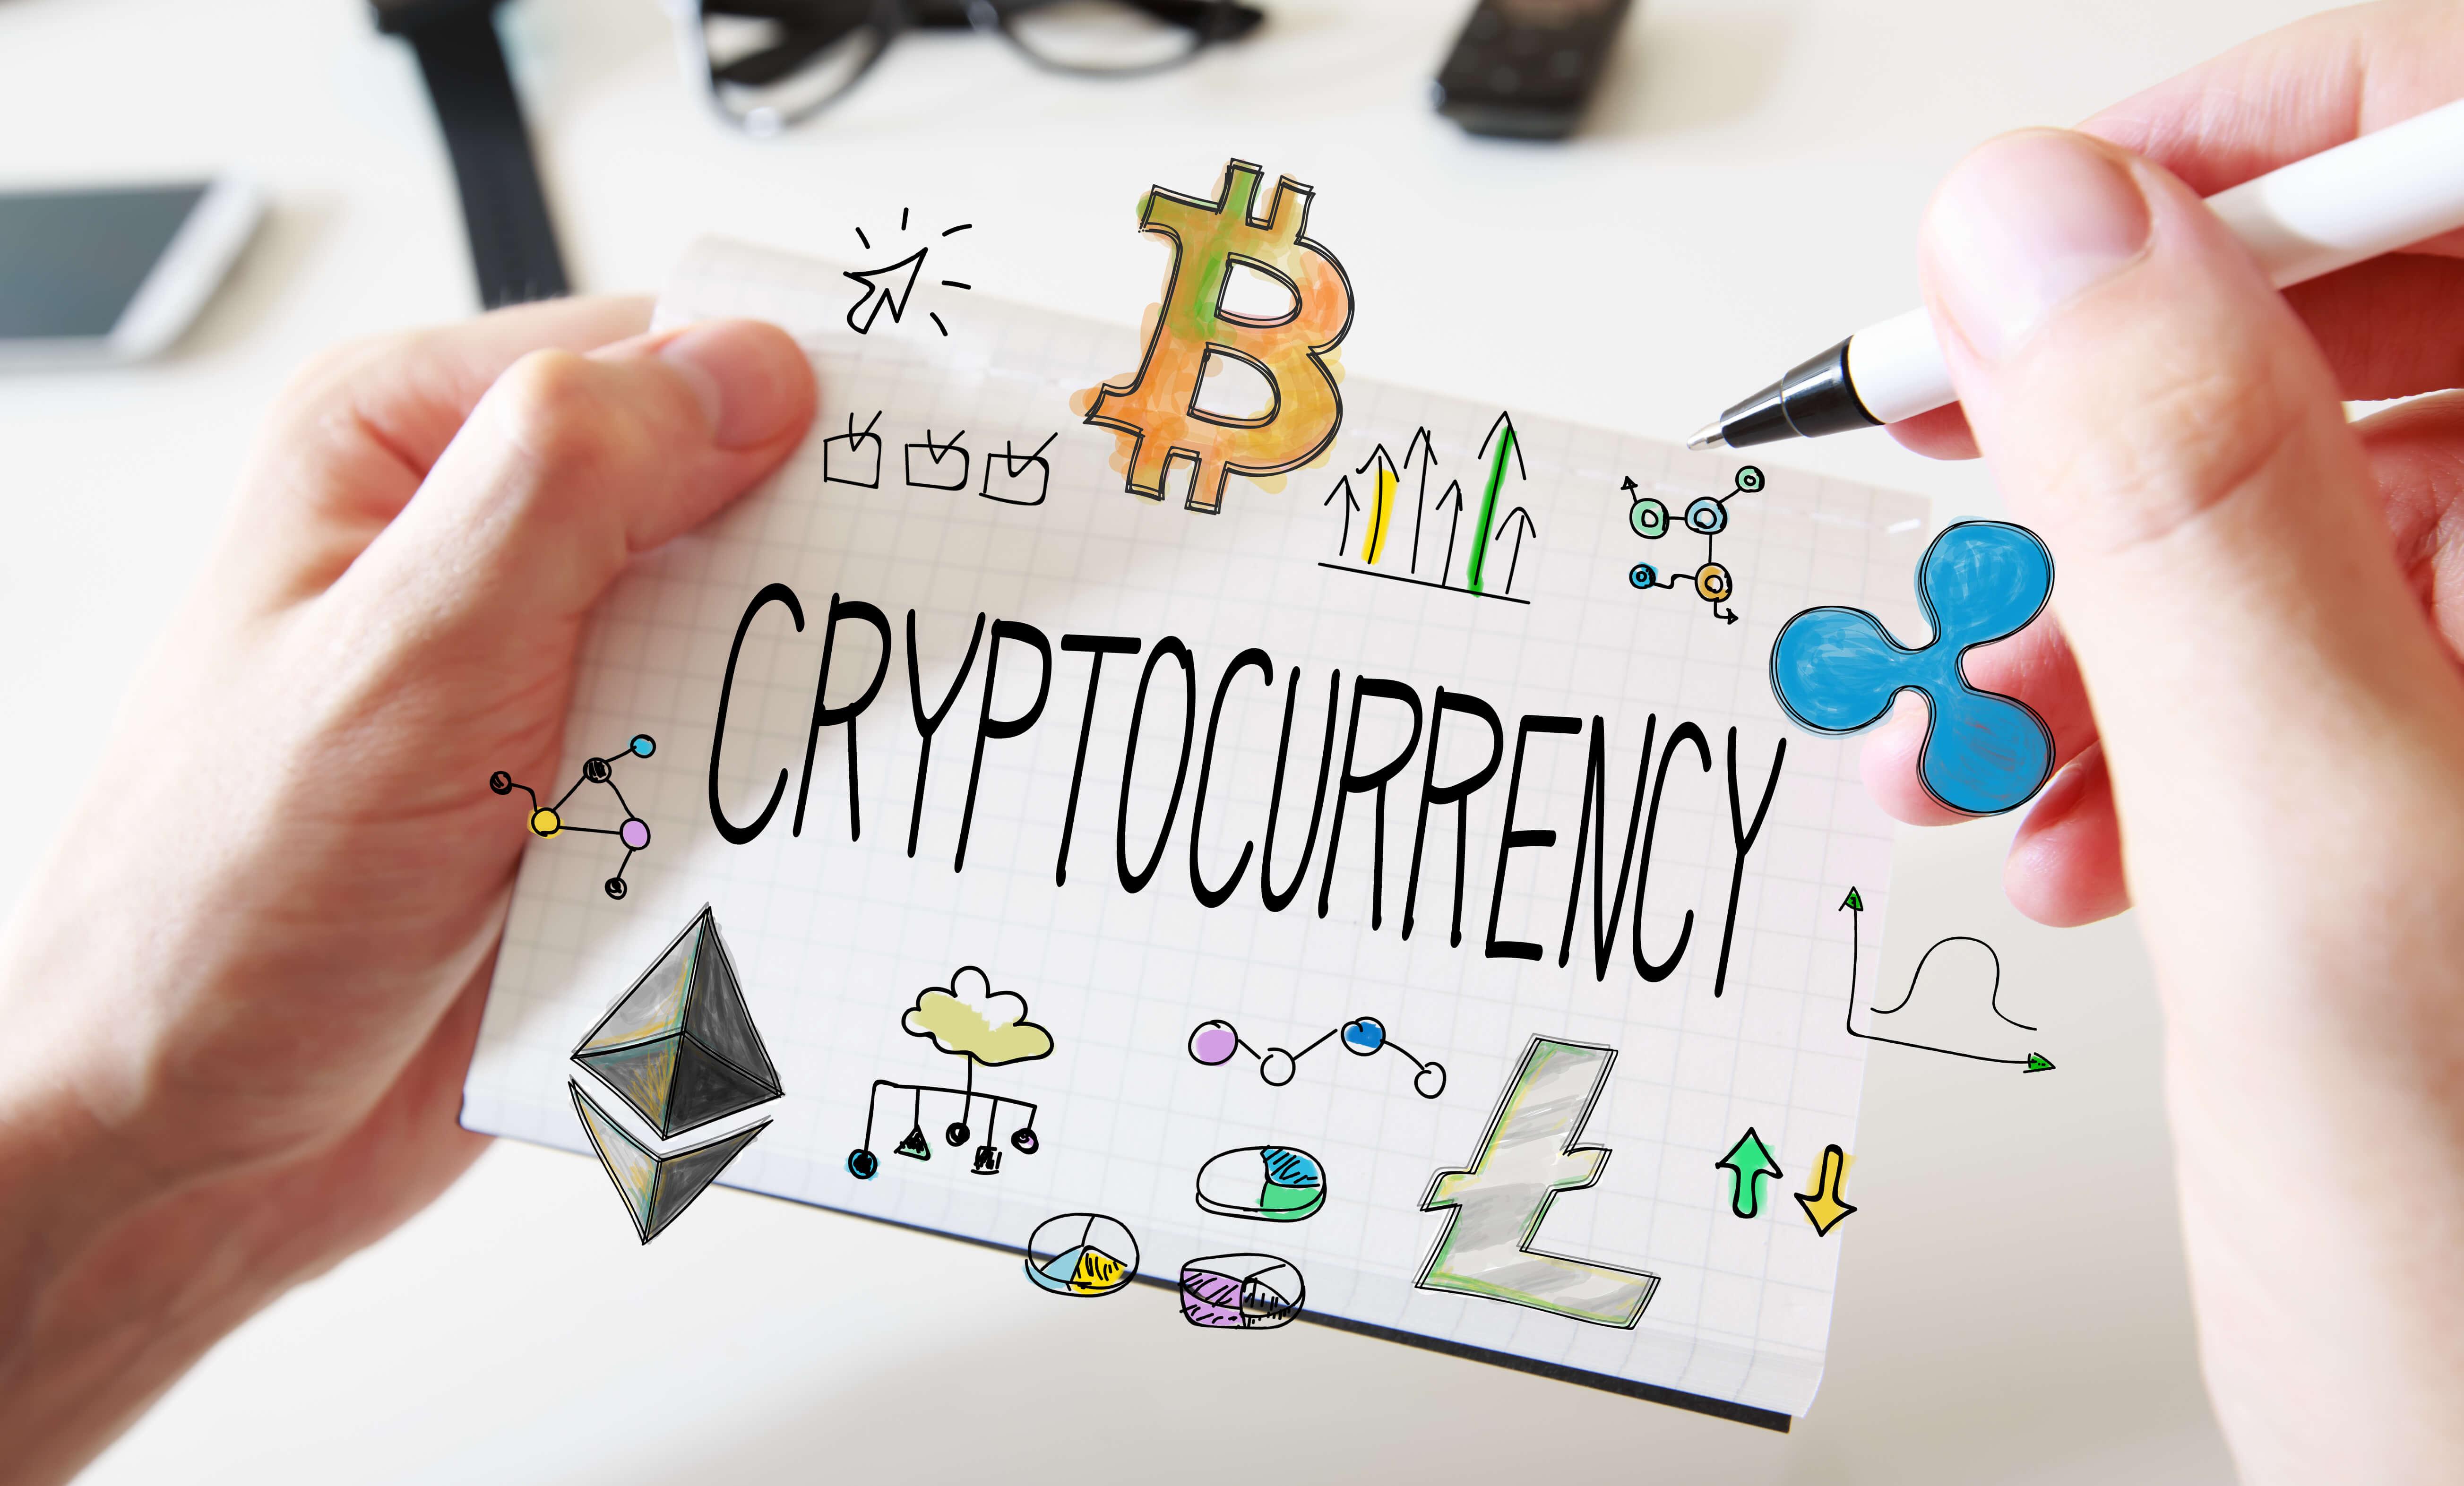 仮想通貨とは何か?初心者にもわかりやすく解説